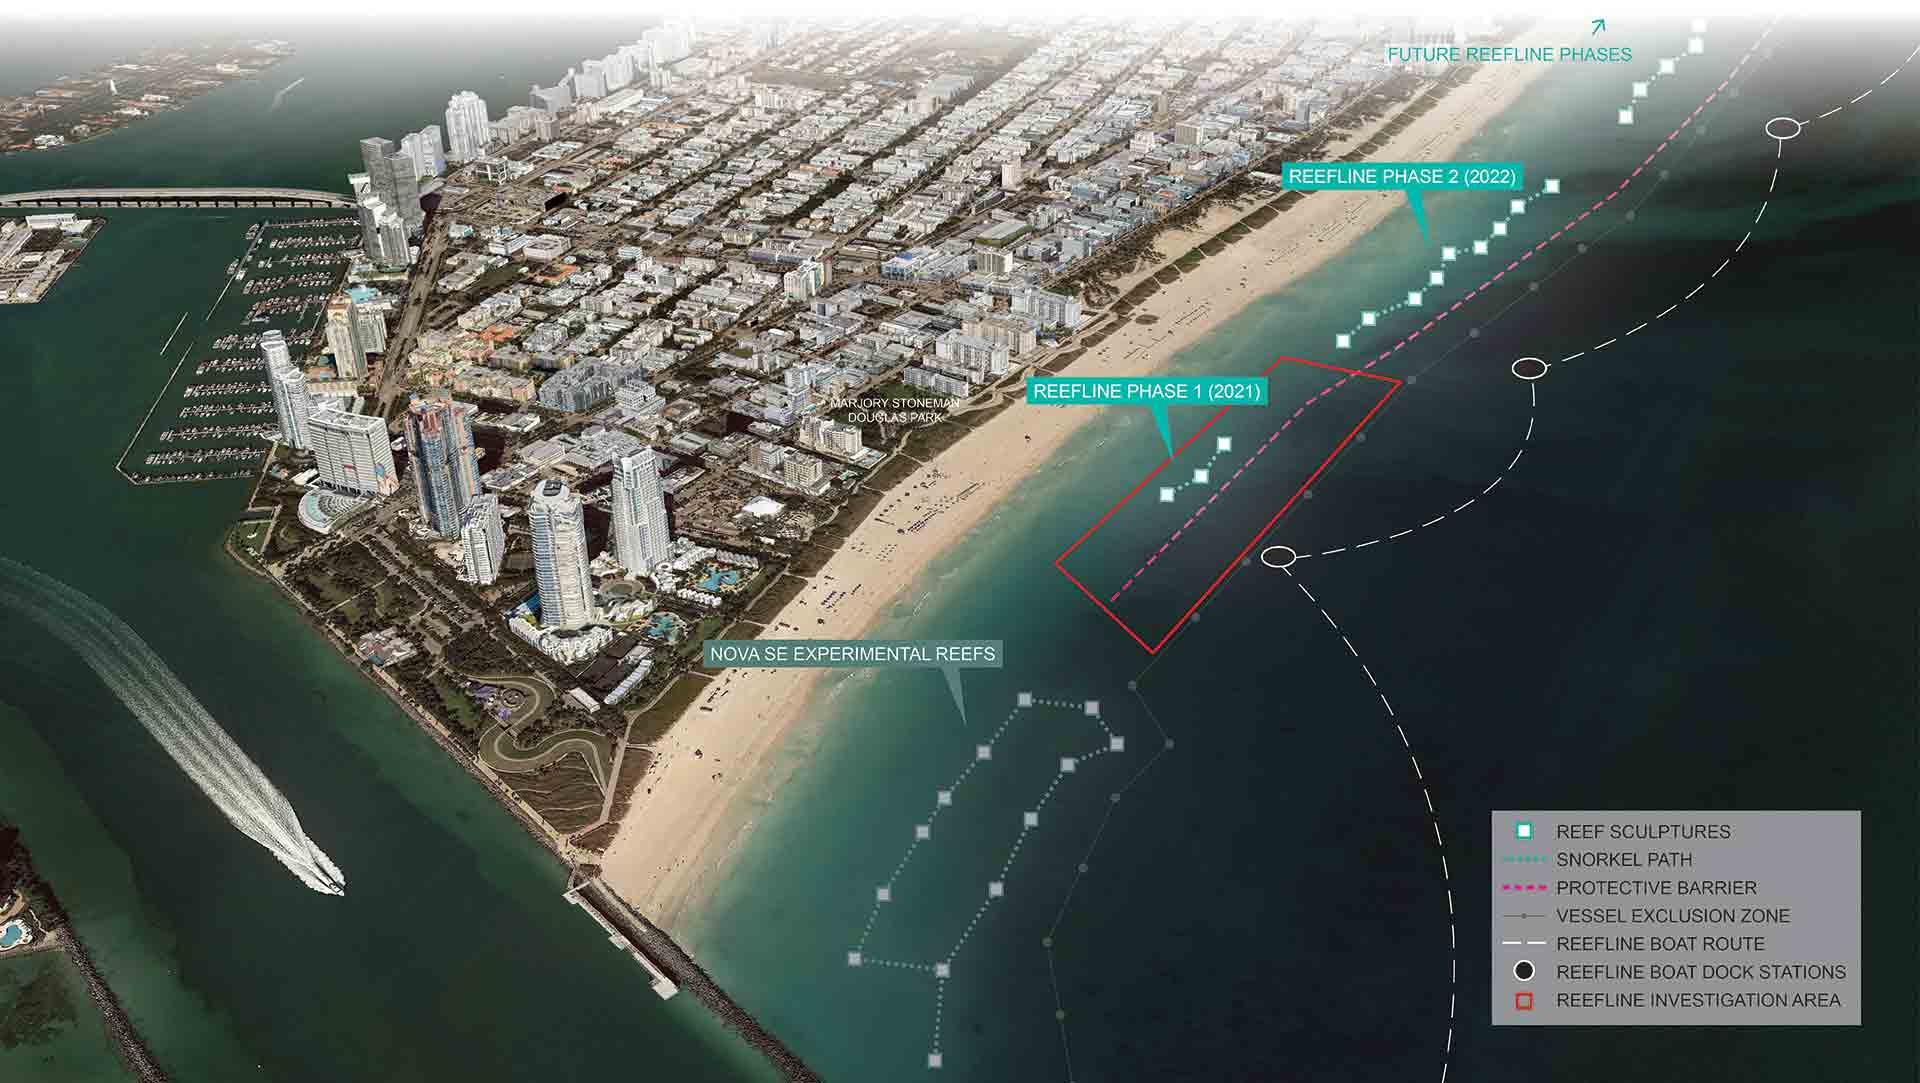 Khám phá công viên san hô điêu khắc dài hơn 11km sắp mở cửa ở vùng biển Miami - Ảnh 3.